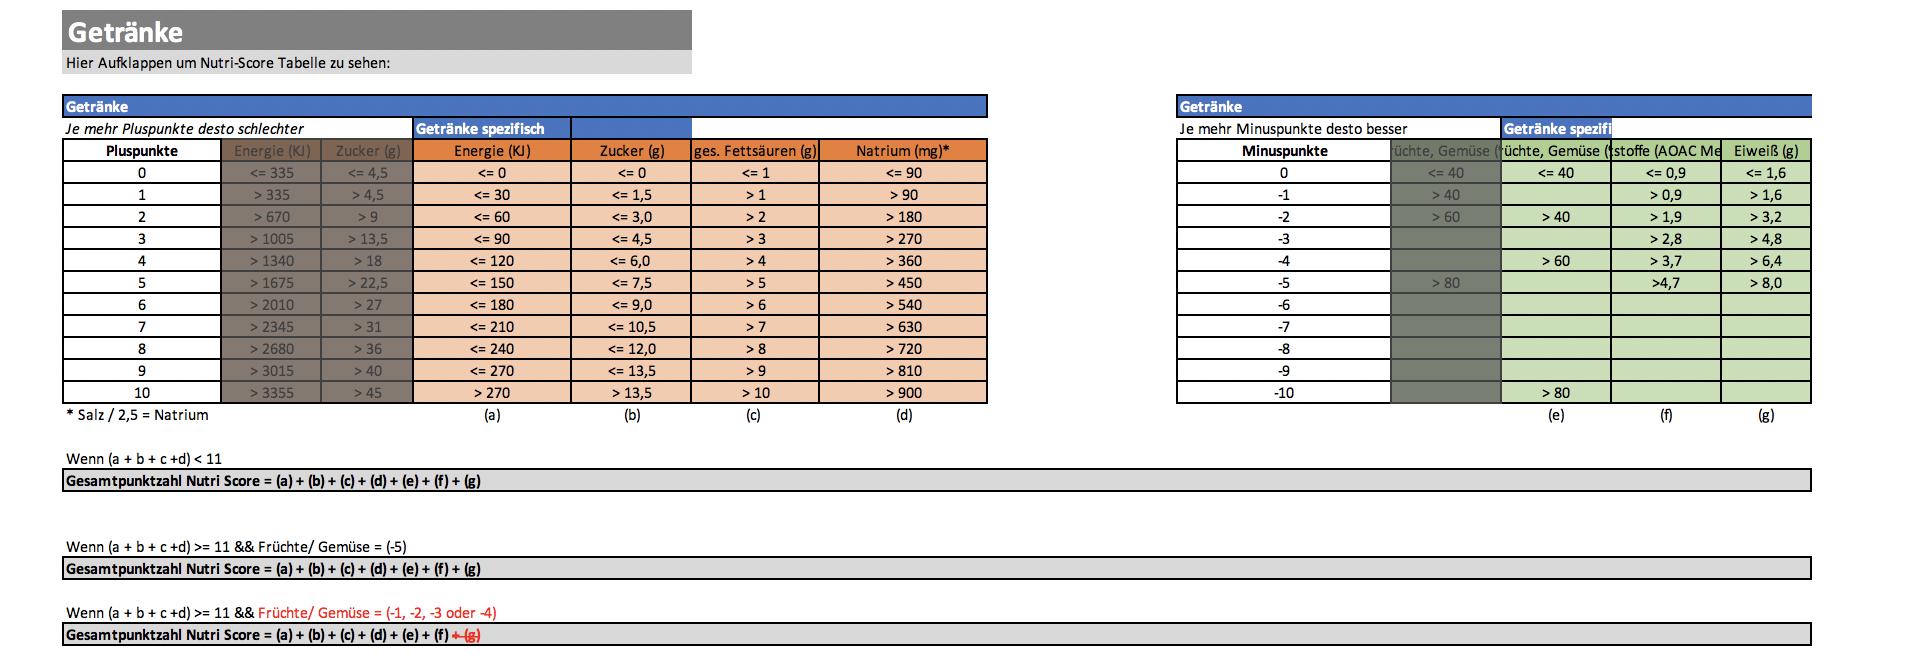 Nutri Score Tabelle Getränke